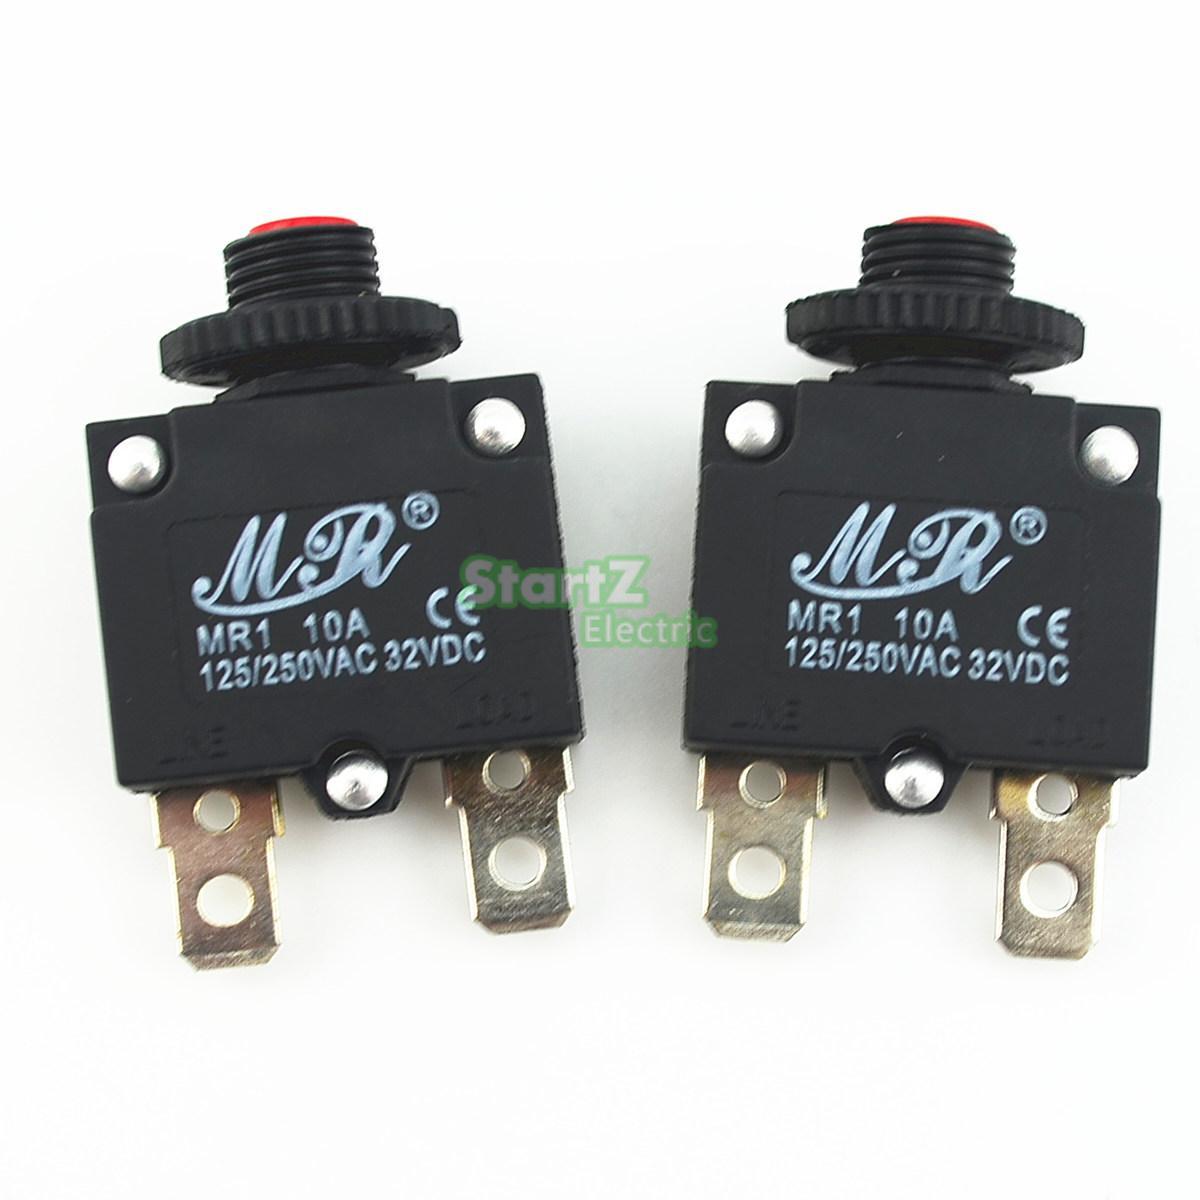 10Pcs 10A Circuit Breaker Overload Protector Switch Fuse leakage circuit protector air switch residual current circuit breaker dz15le 100 490 100a